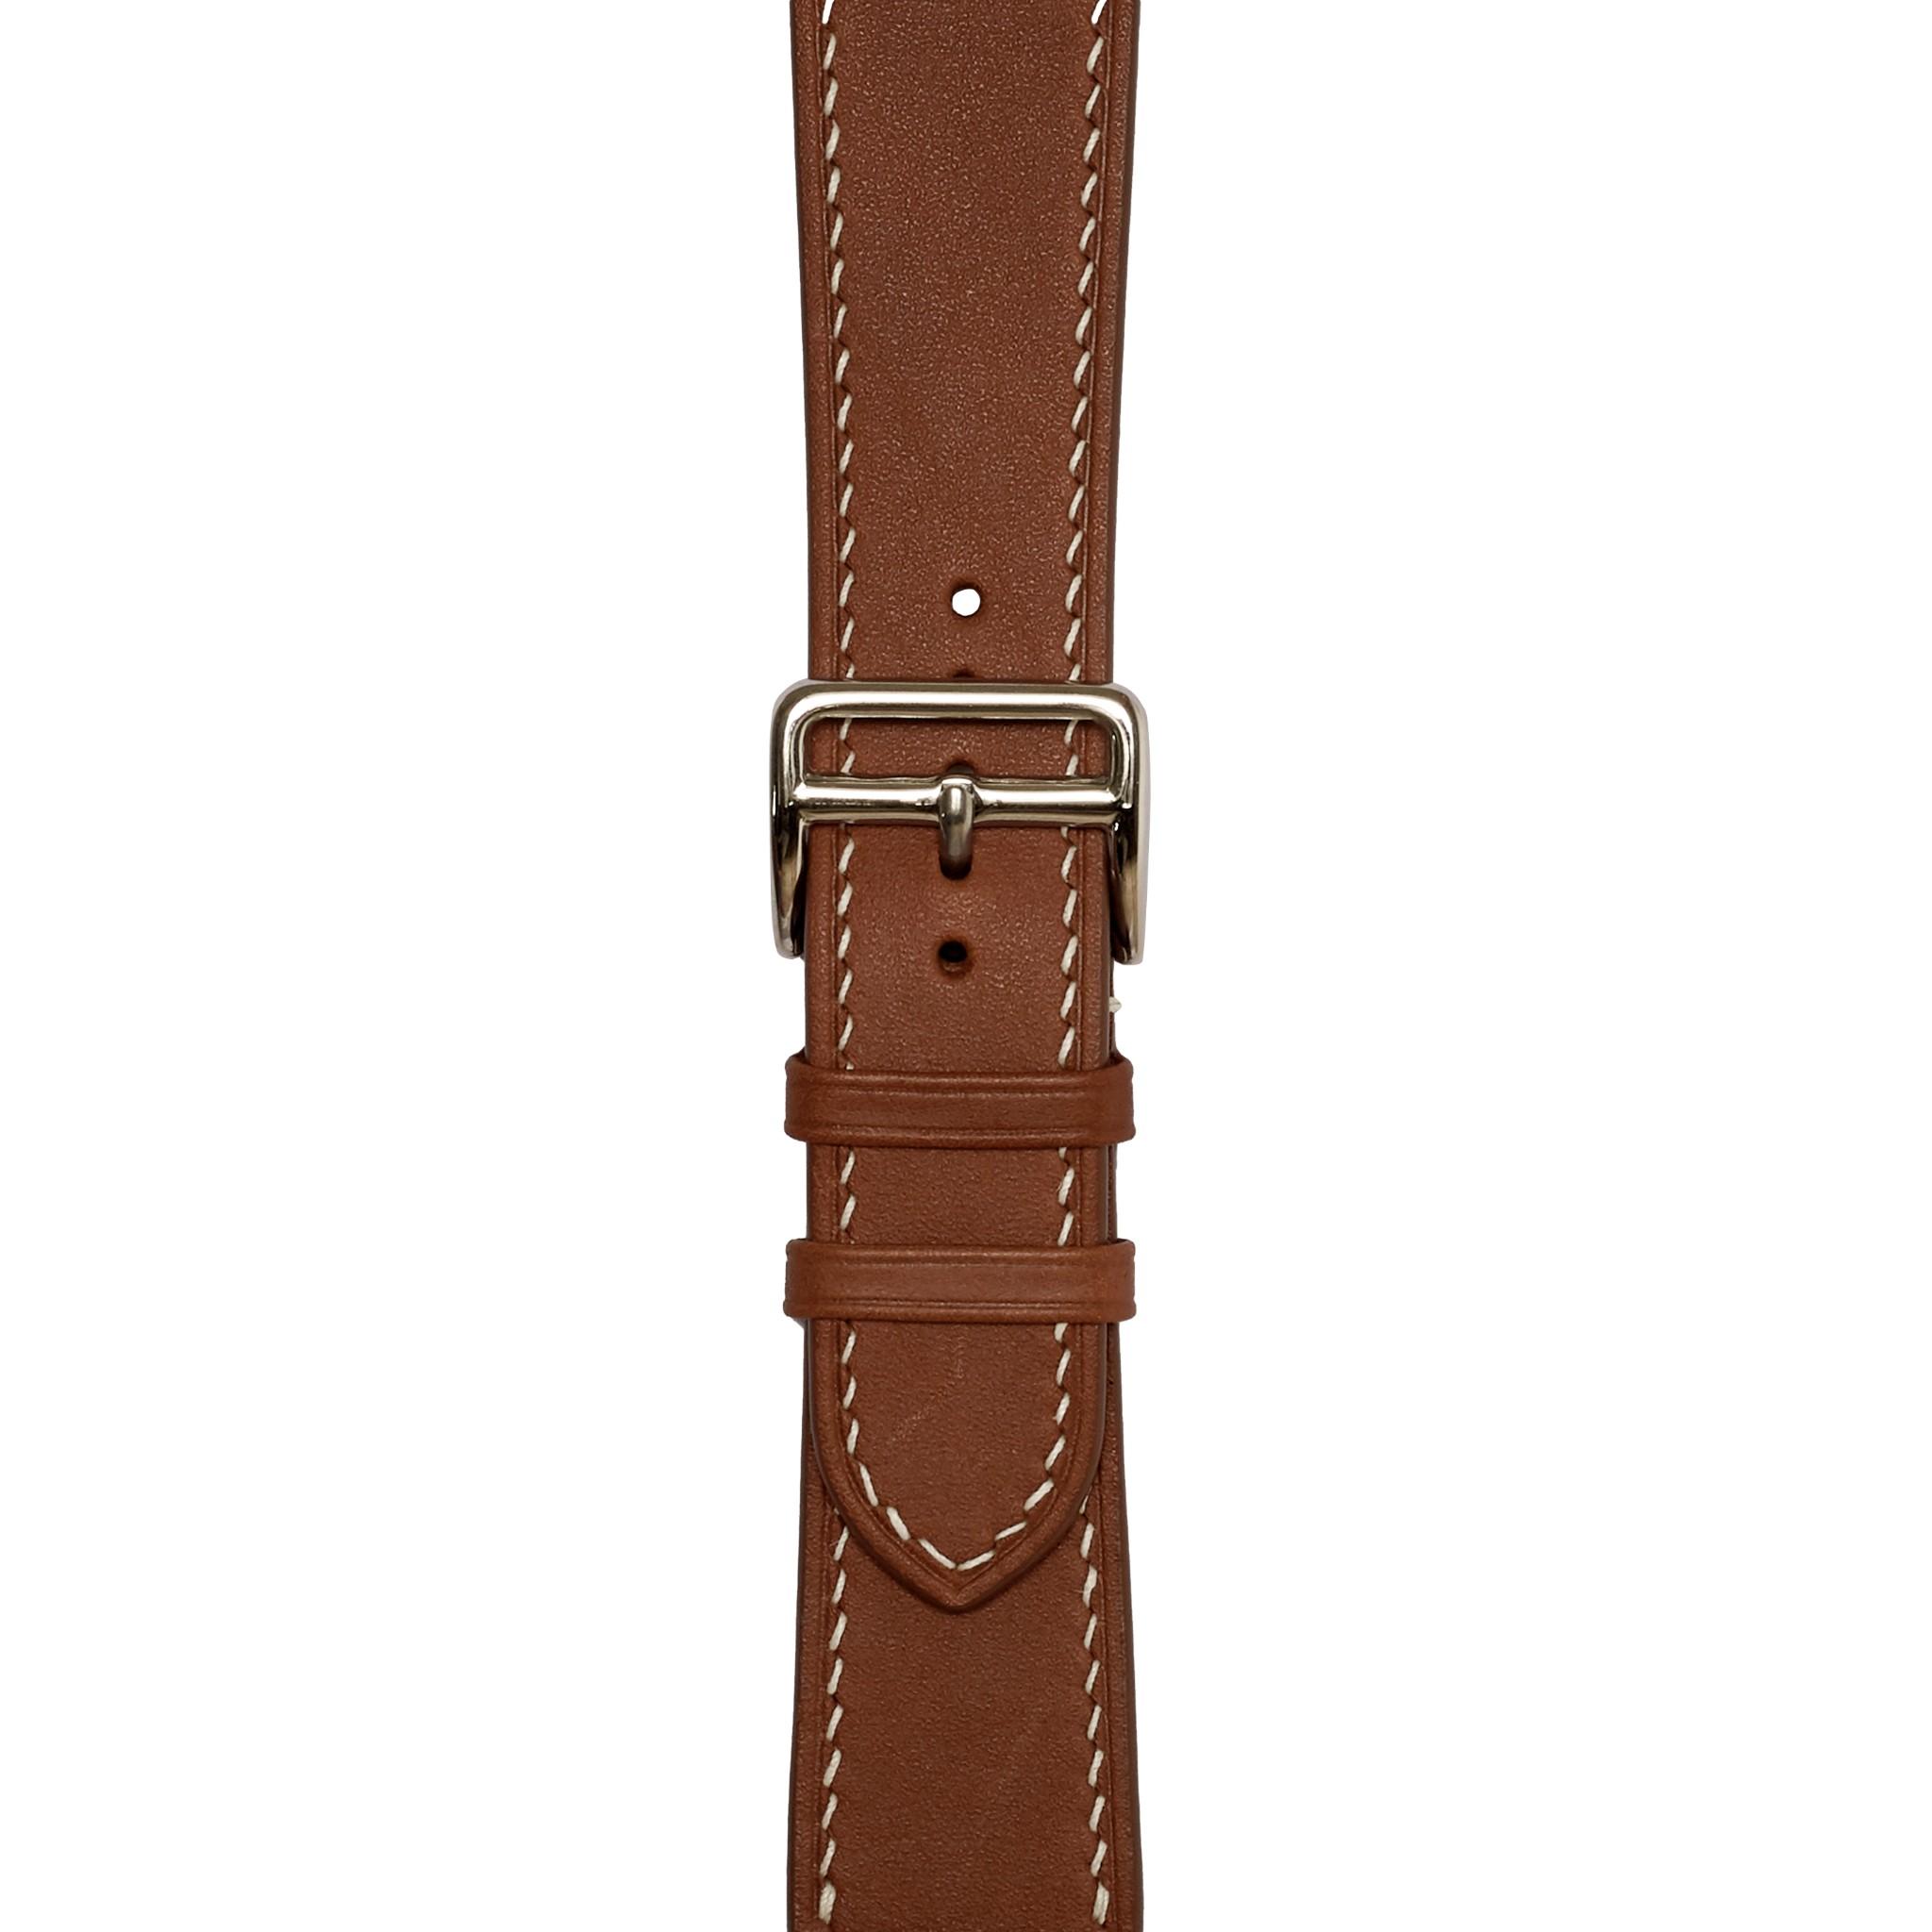 Dây đeo đồng hồ 24-20 MM chính hãng HANHSON SP000589  Barenia Nâu  cho Apple Watch